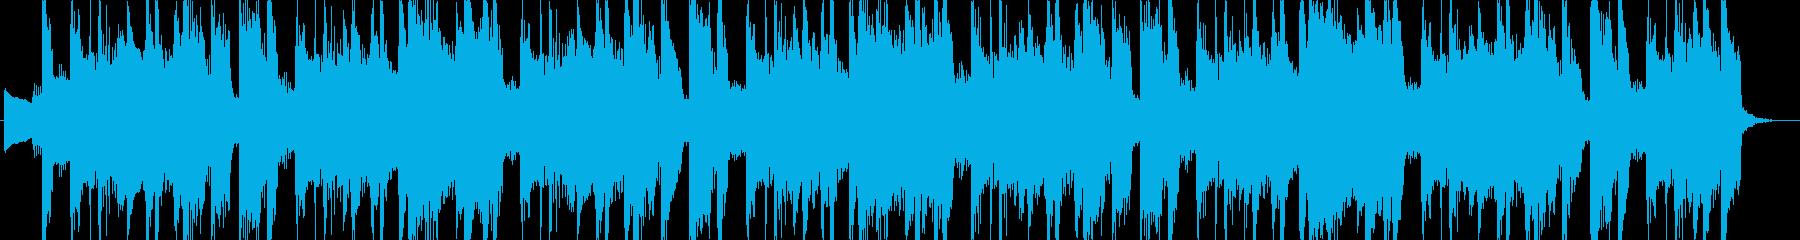 汎用BGM/大人っぽい(LOOP対応)の再生済みの波形